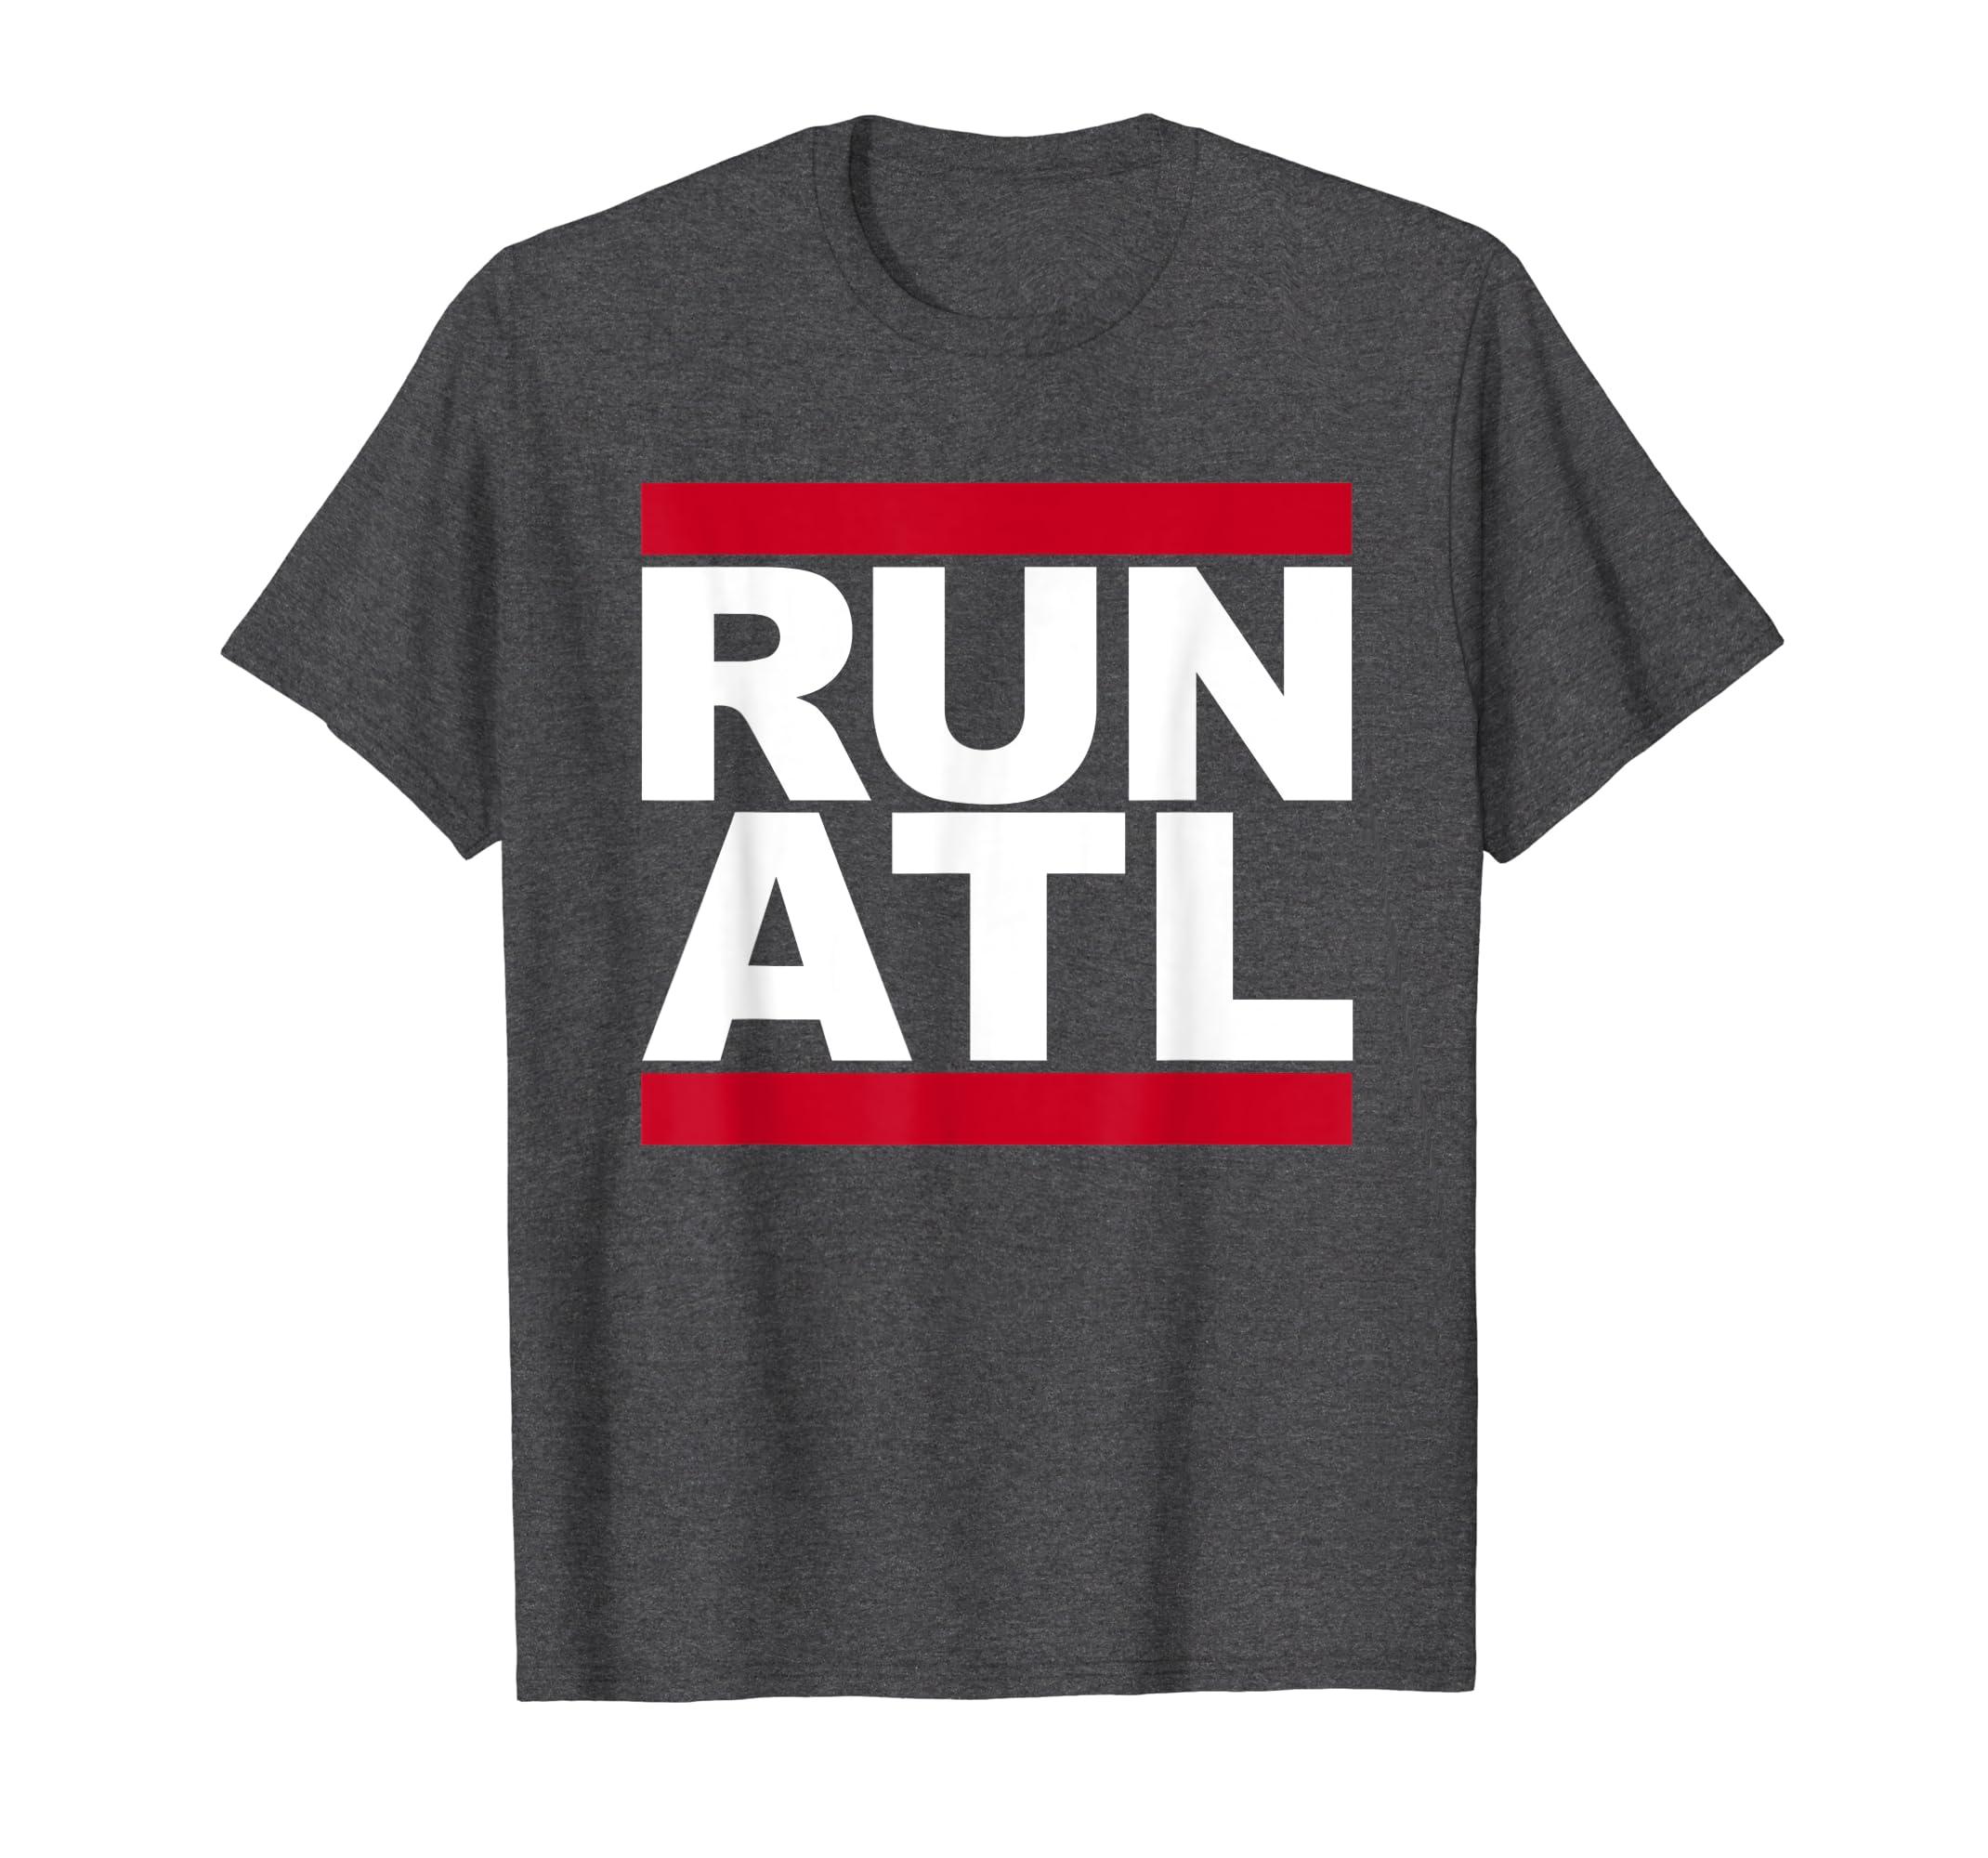 9ddd8efe Amazon.com: Run ATL T-Shirt - Atlanta Running Shirt for Runners: Clothing